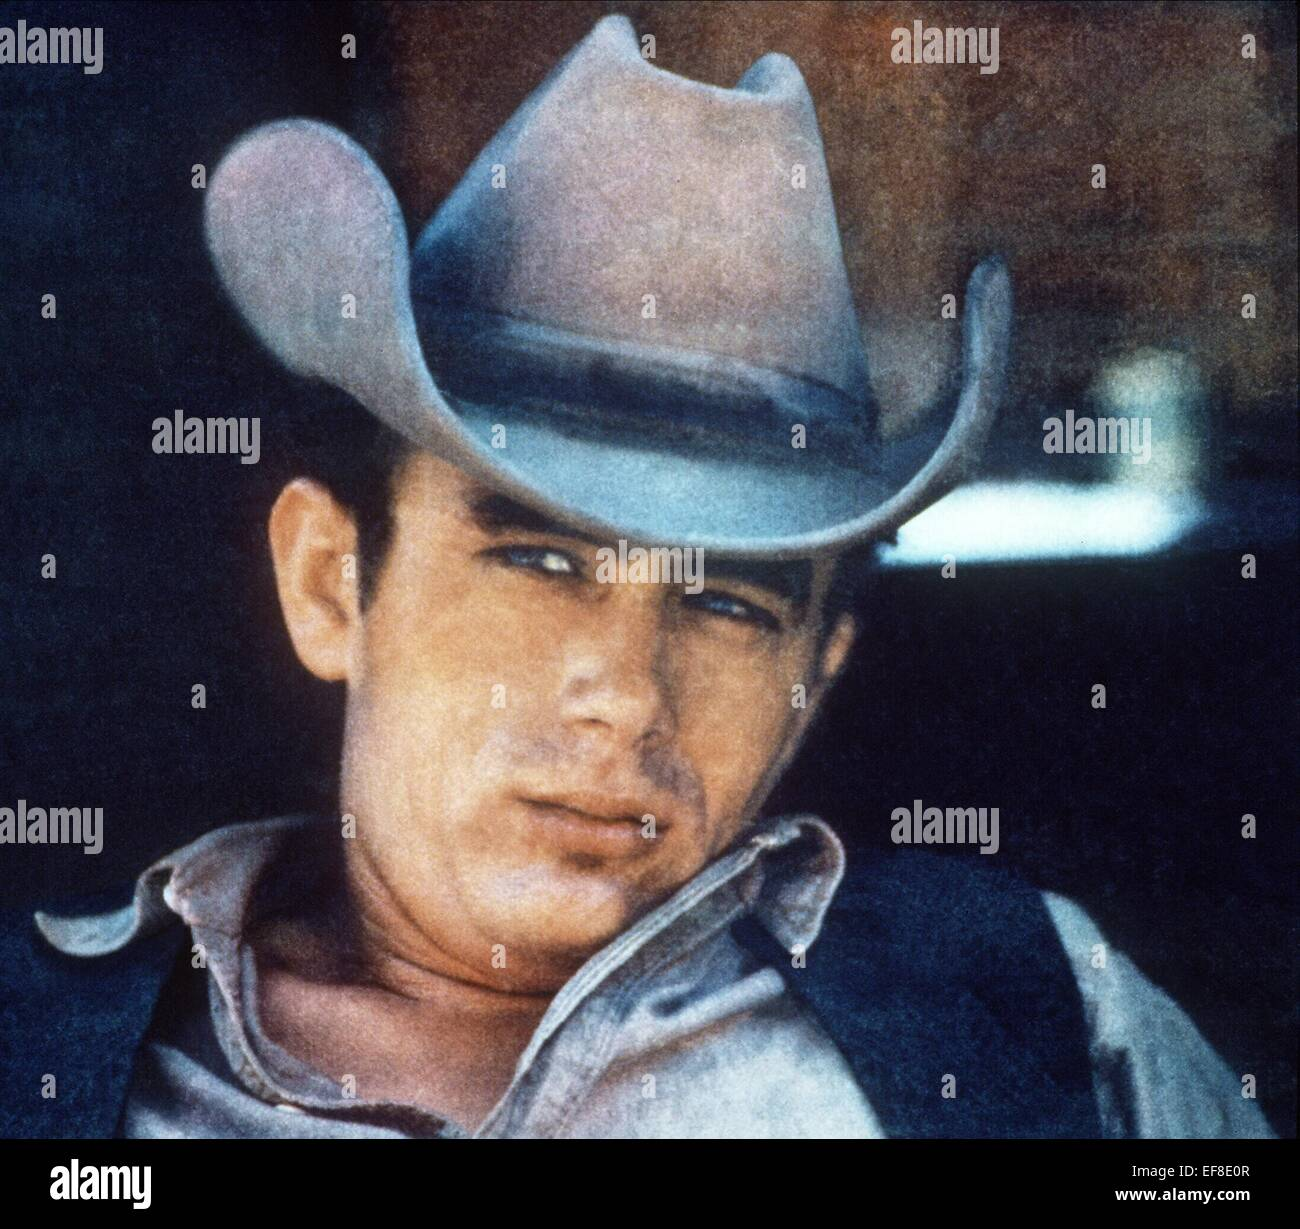 JAMES DEAN GIANT (1956 Stock Photo  78247927 - Alamy 8bc101ab851